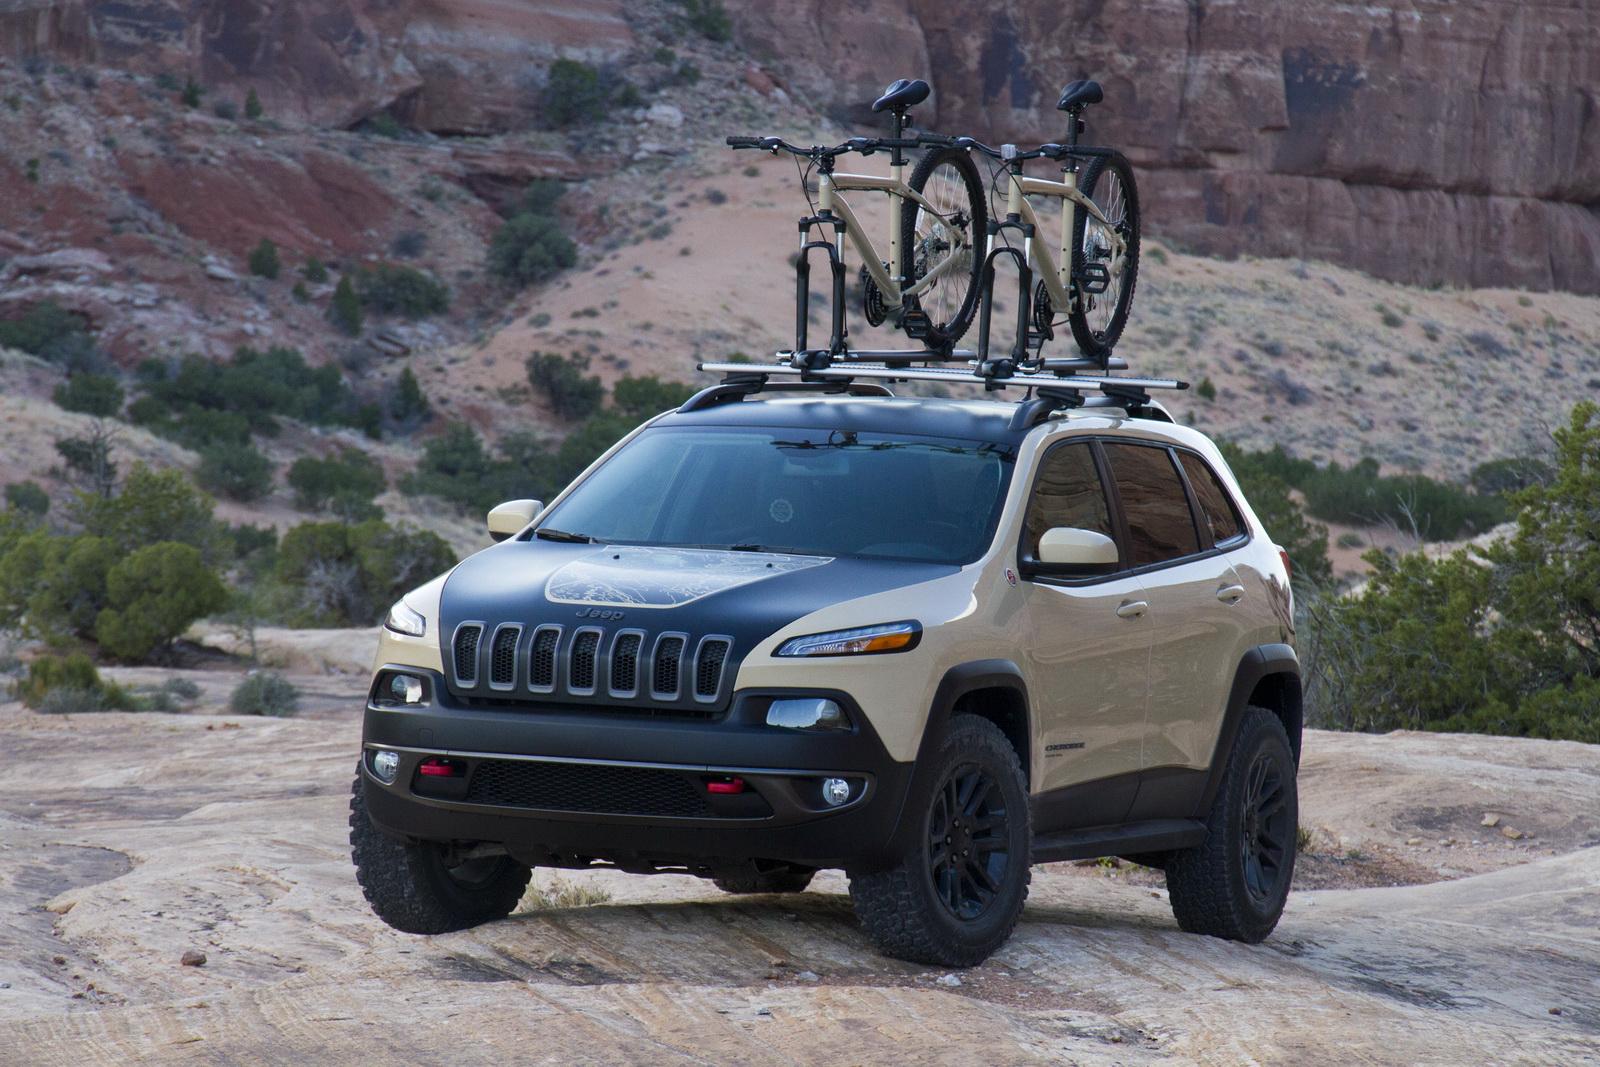 Jeep-Cherokee-Canyon-Trail-1 - JK-Forum